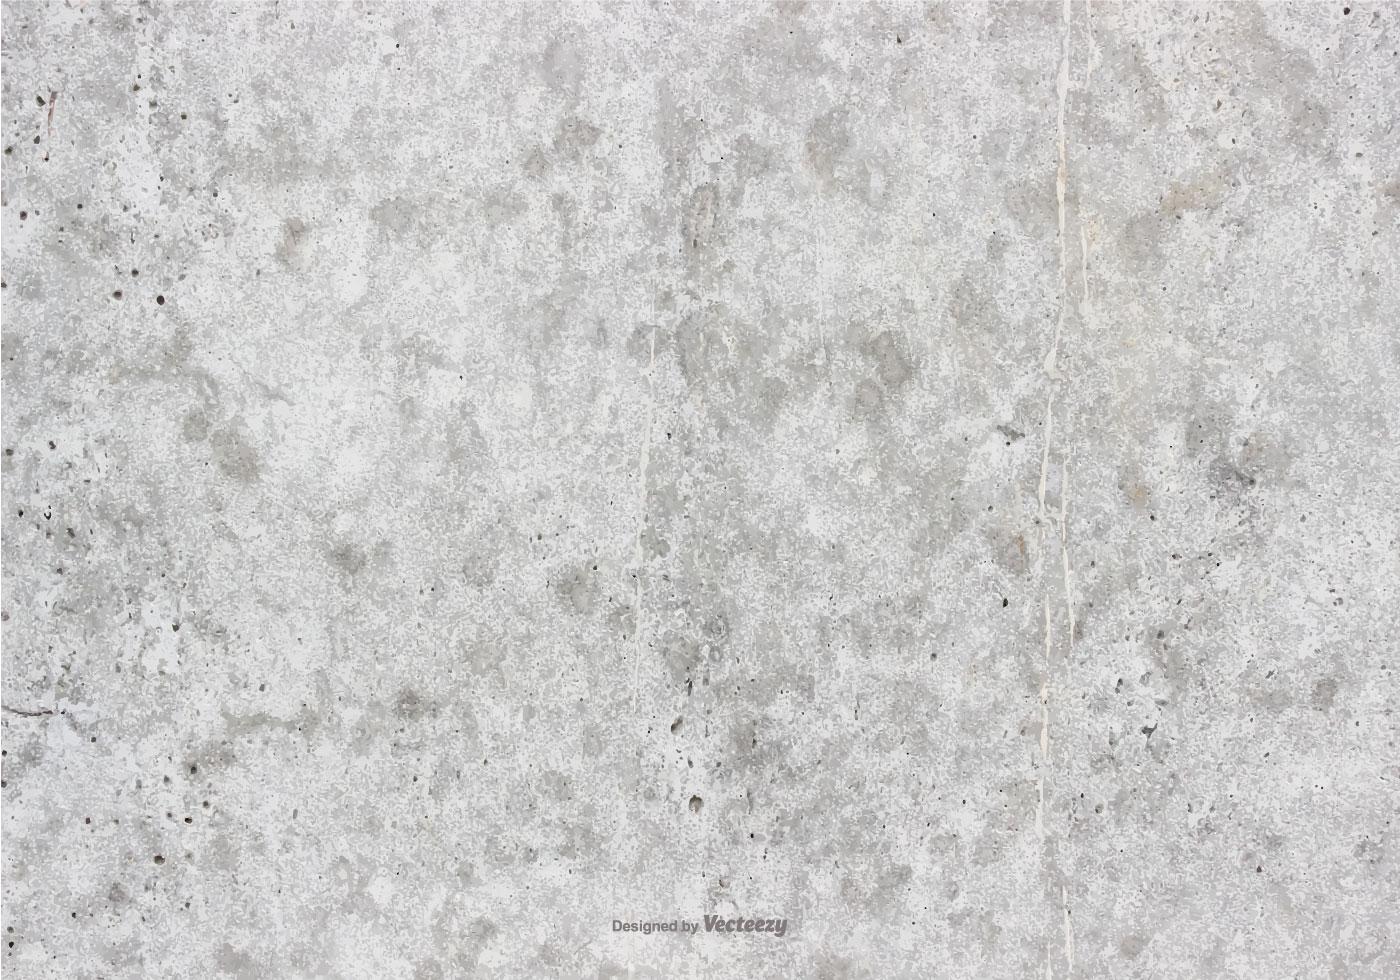 Concrete Vector Texture Download Free Vector Art Stock